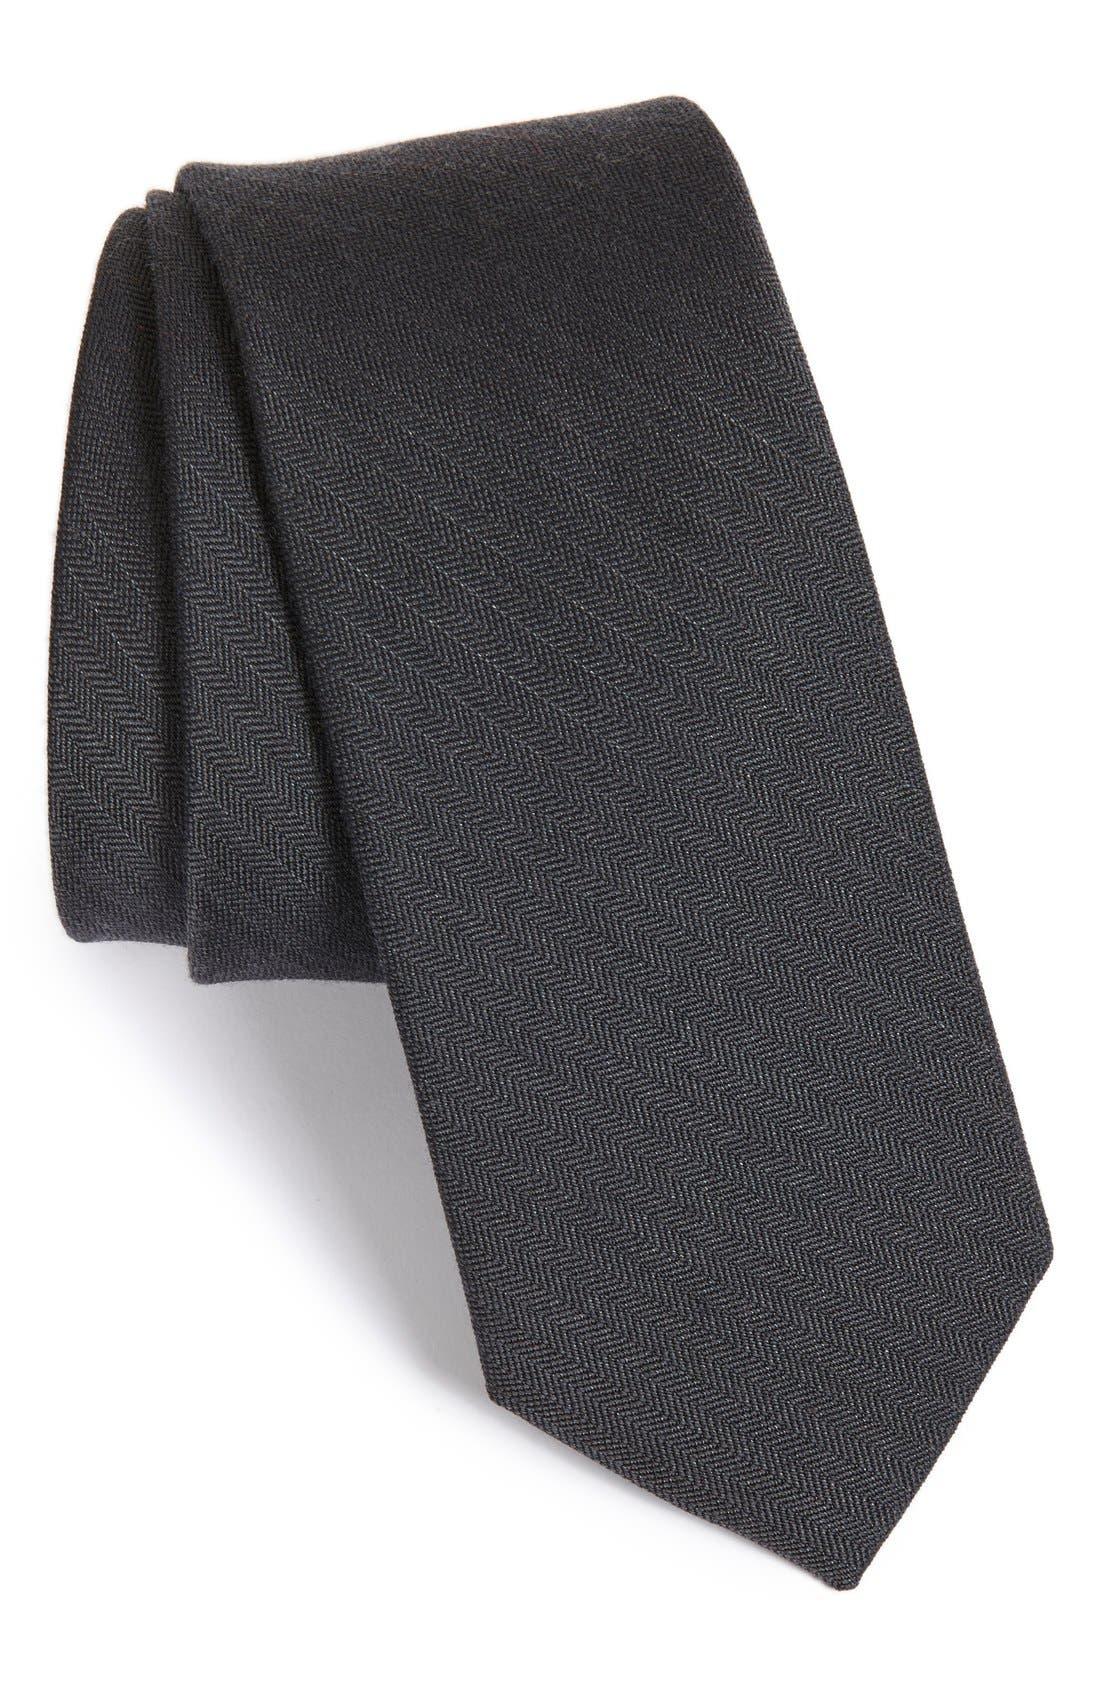 Alternate Image 1 Selected - The Tie Bar Solid Wool & Silk Tie